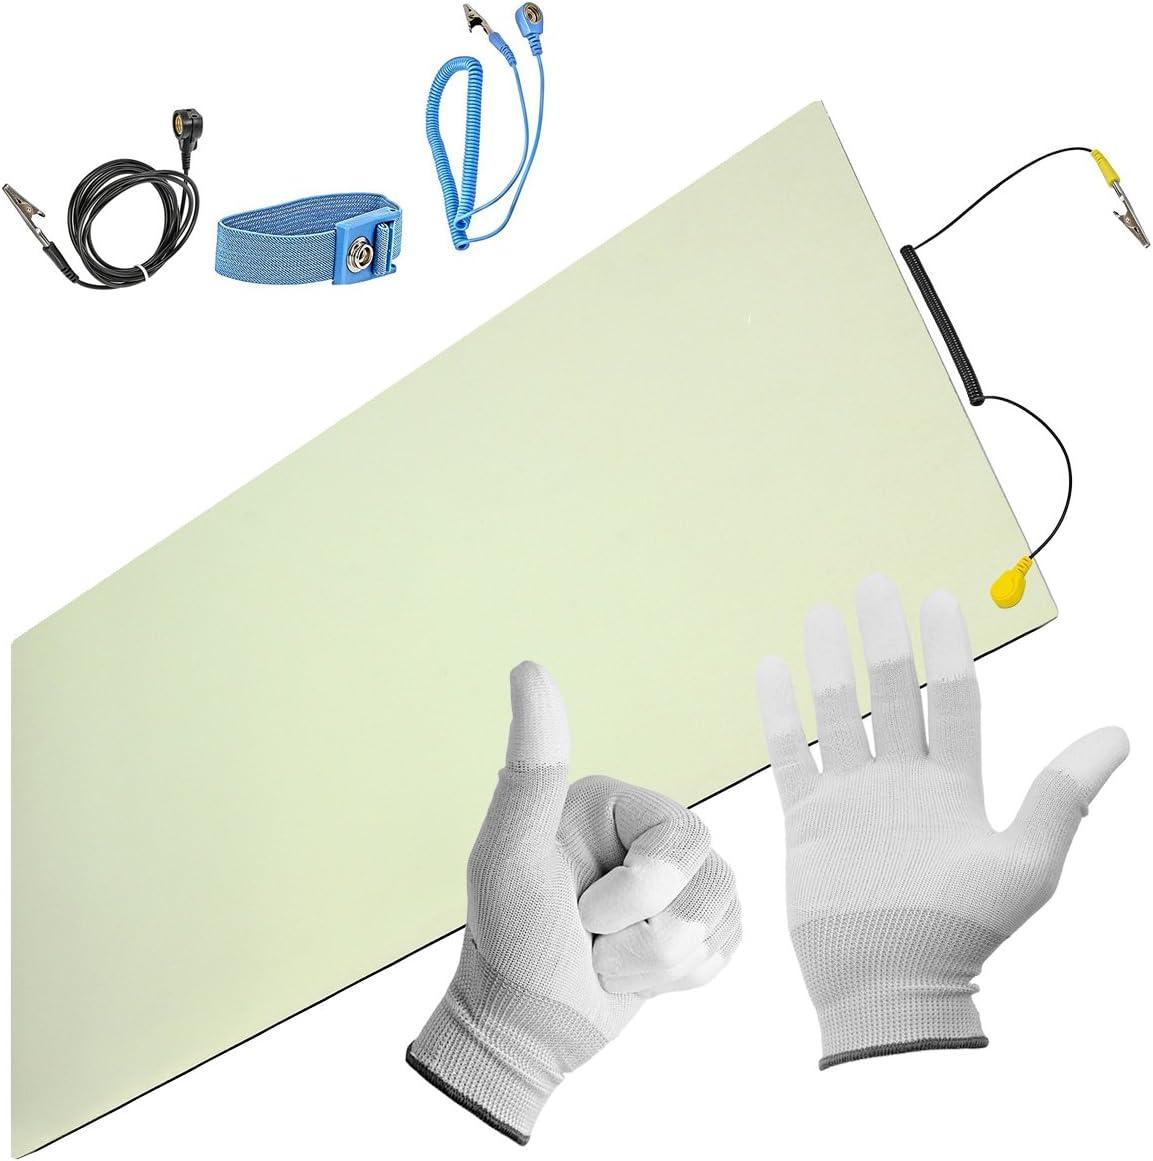 Professionelle Antistatische Arbeitsmatte inkl Qualit/ät Handschuhe PVC-Matte mit Erdungskabel Verl/ängerung ESD-Schutz Minadax/® ESD Antistatik-Matte 50 cm x 60 cm Manschette